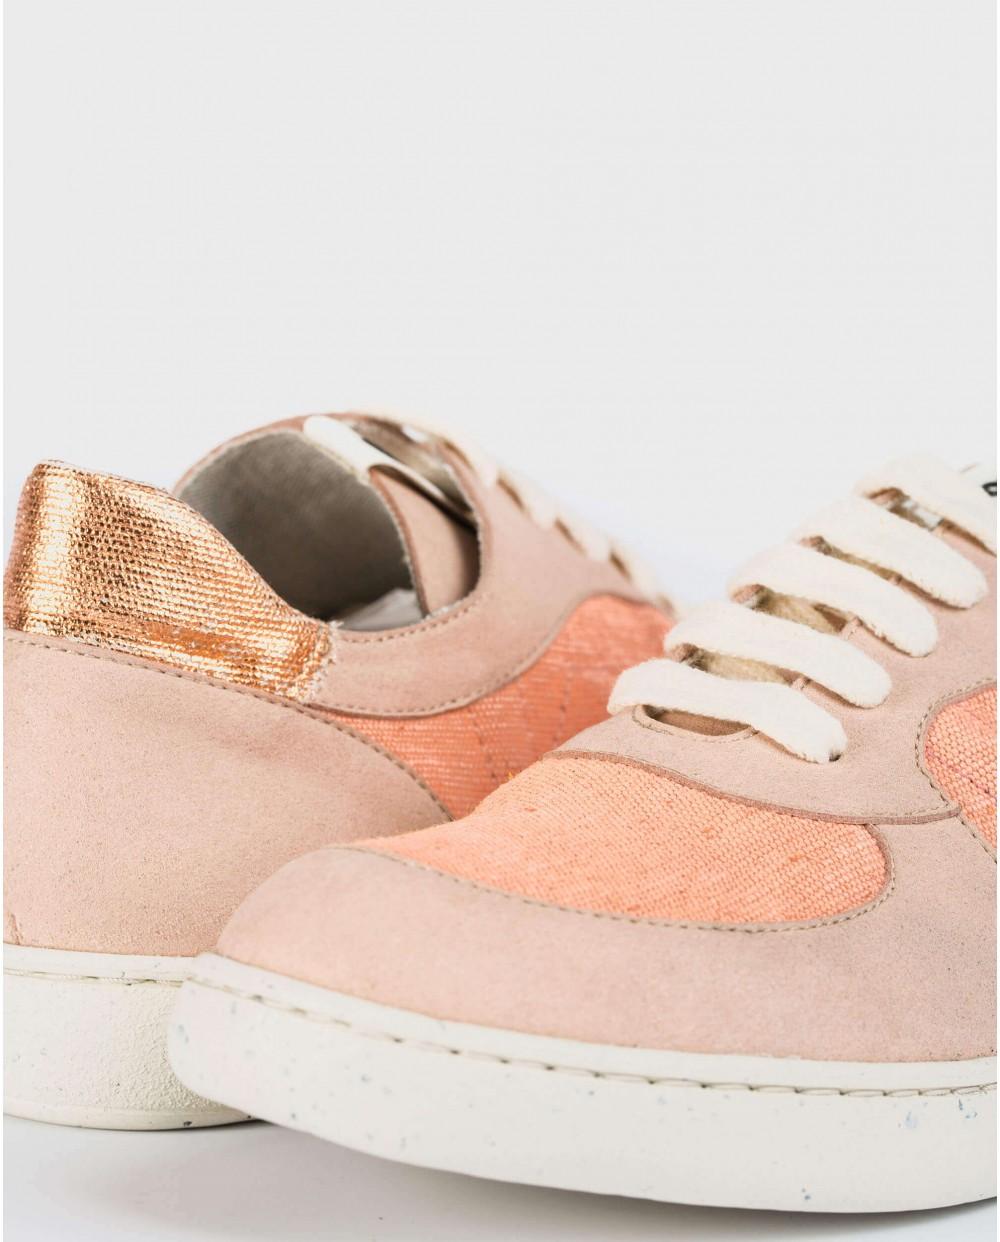 Wonders-Flat Shoes-OLMO